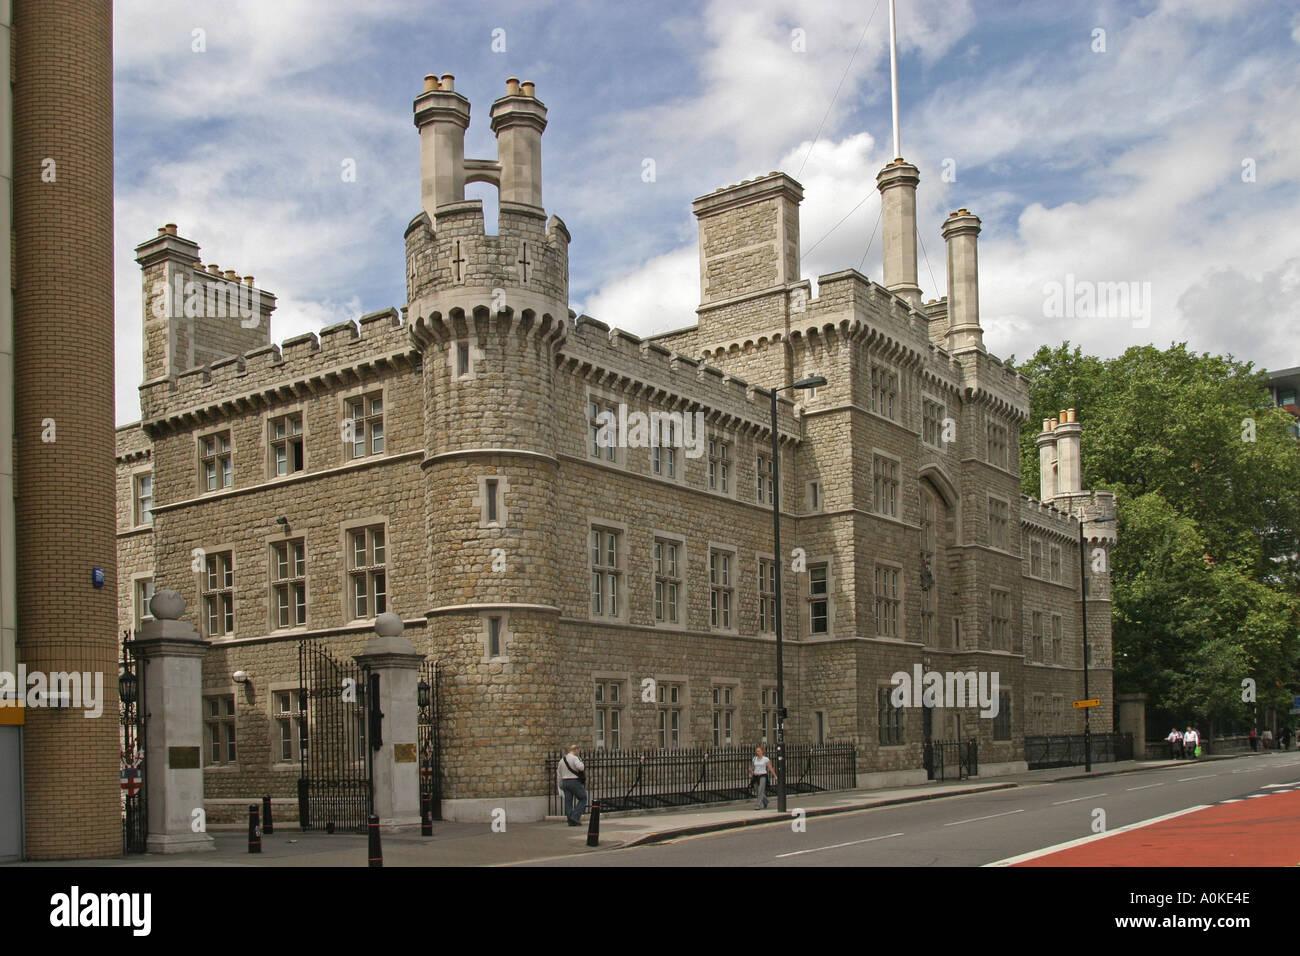 HAC Finsbury caserma home della onorevole compagnia di artiglieria nella City di Londra GB UK Immagini Stock